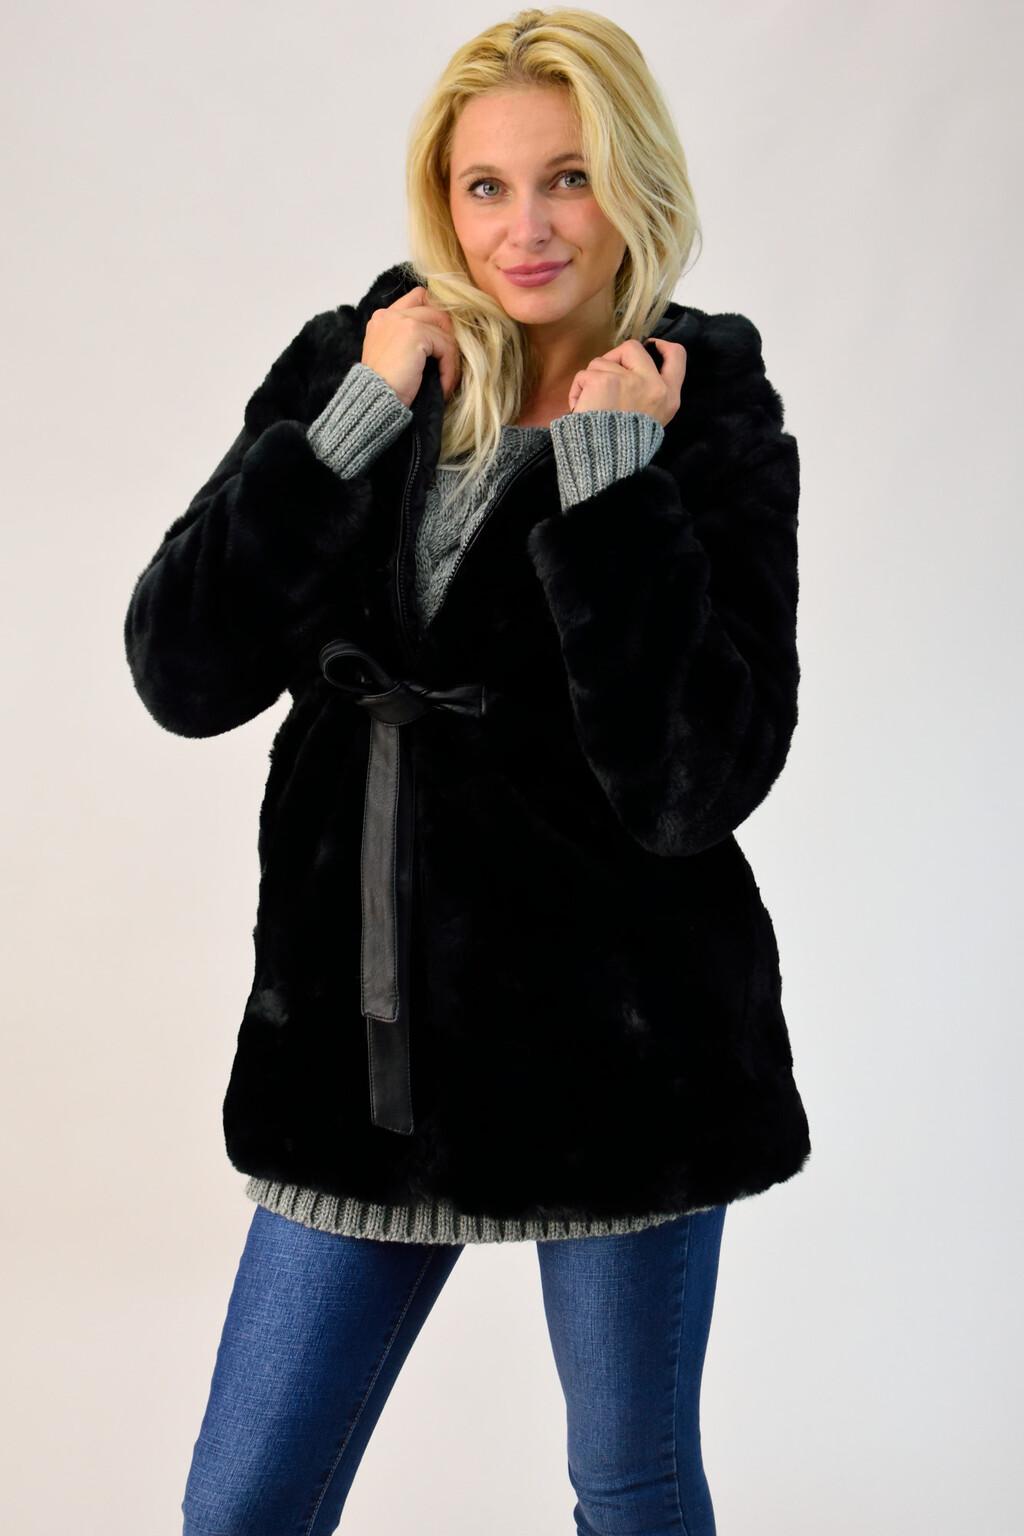 Παλτό από συνθετική γούνα με κουκούλα  90cc6c58968